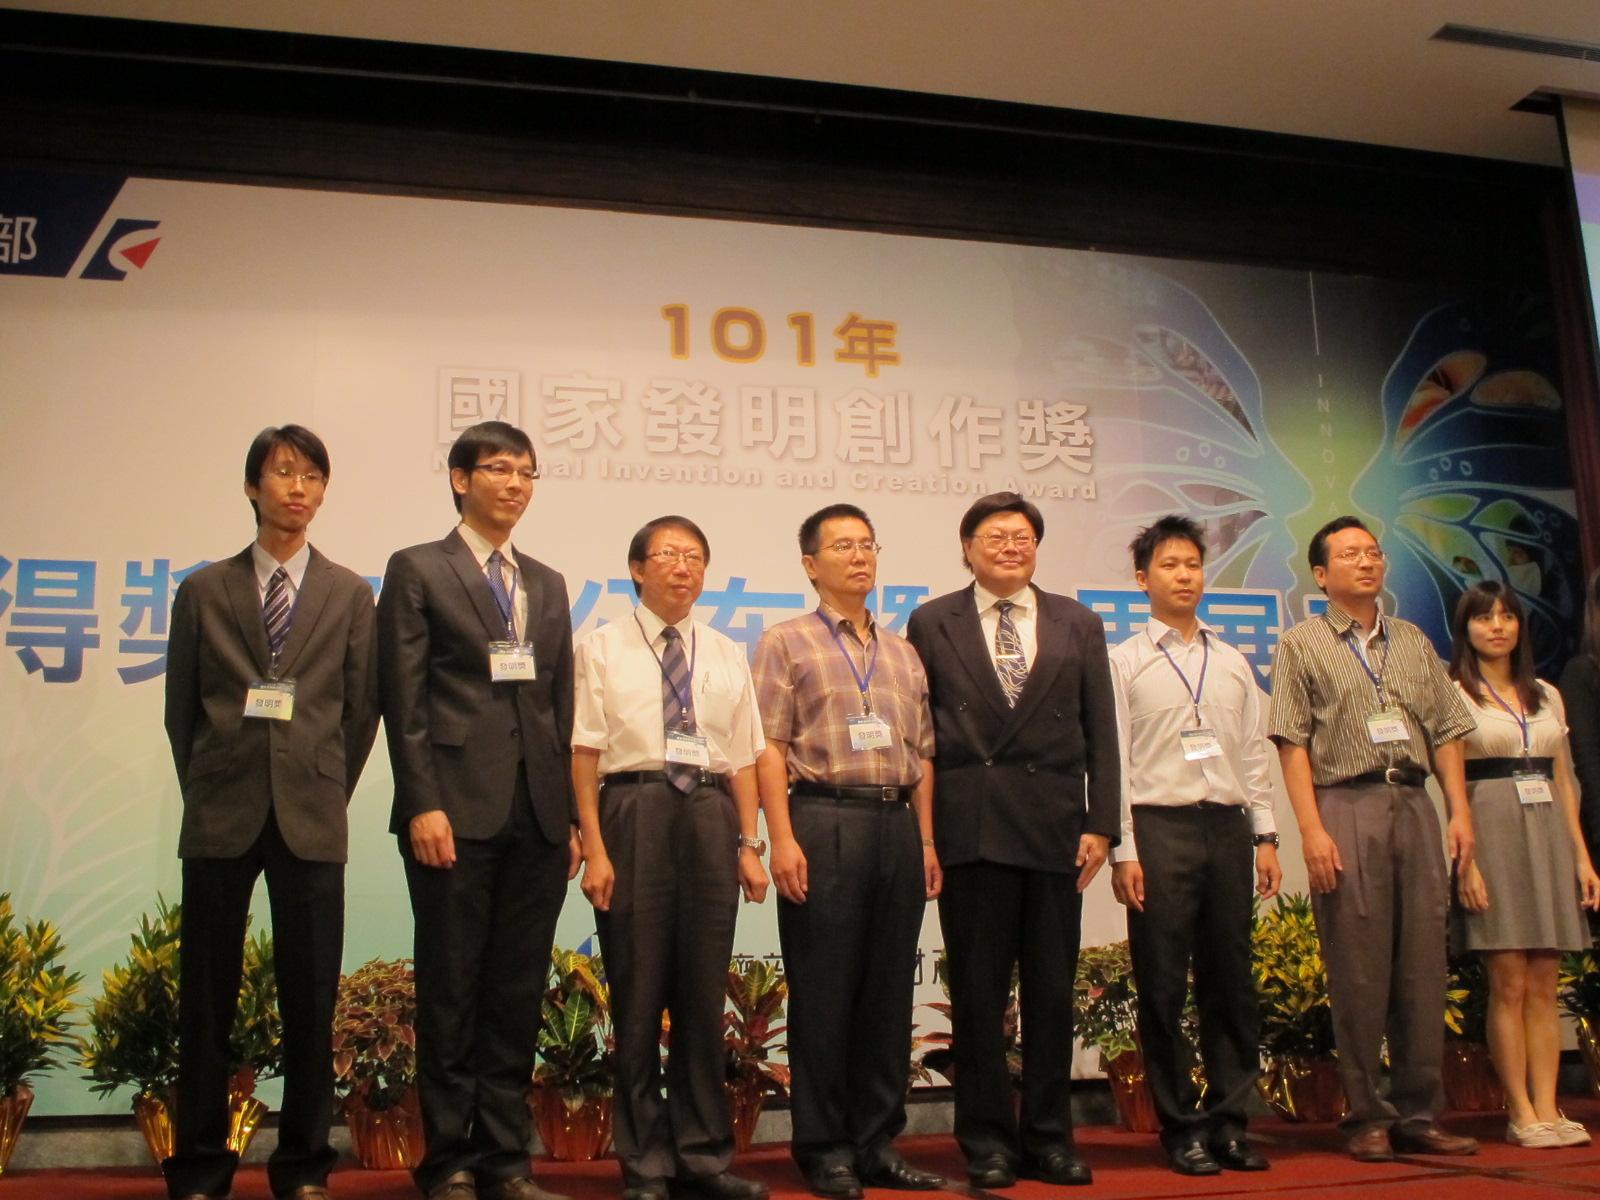 賀!機械系陳夏宗教授研究團隊榮獲「101年國家發明創作獎」銀牌